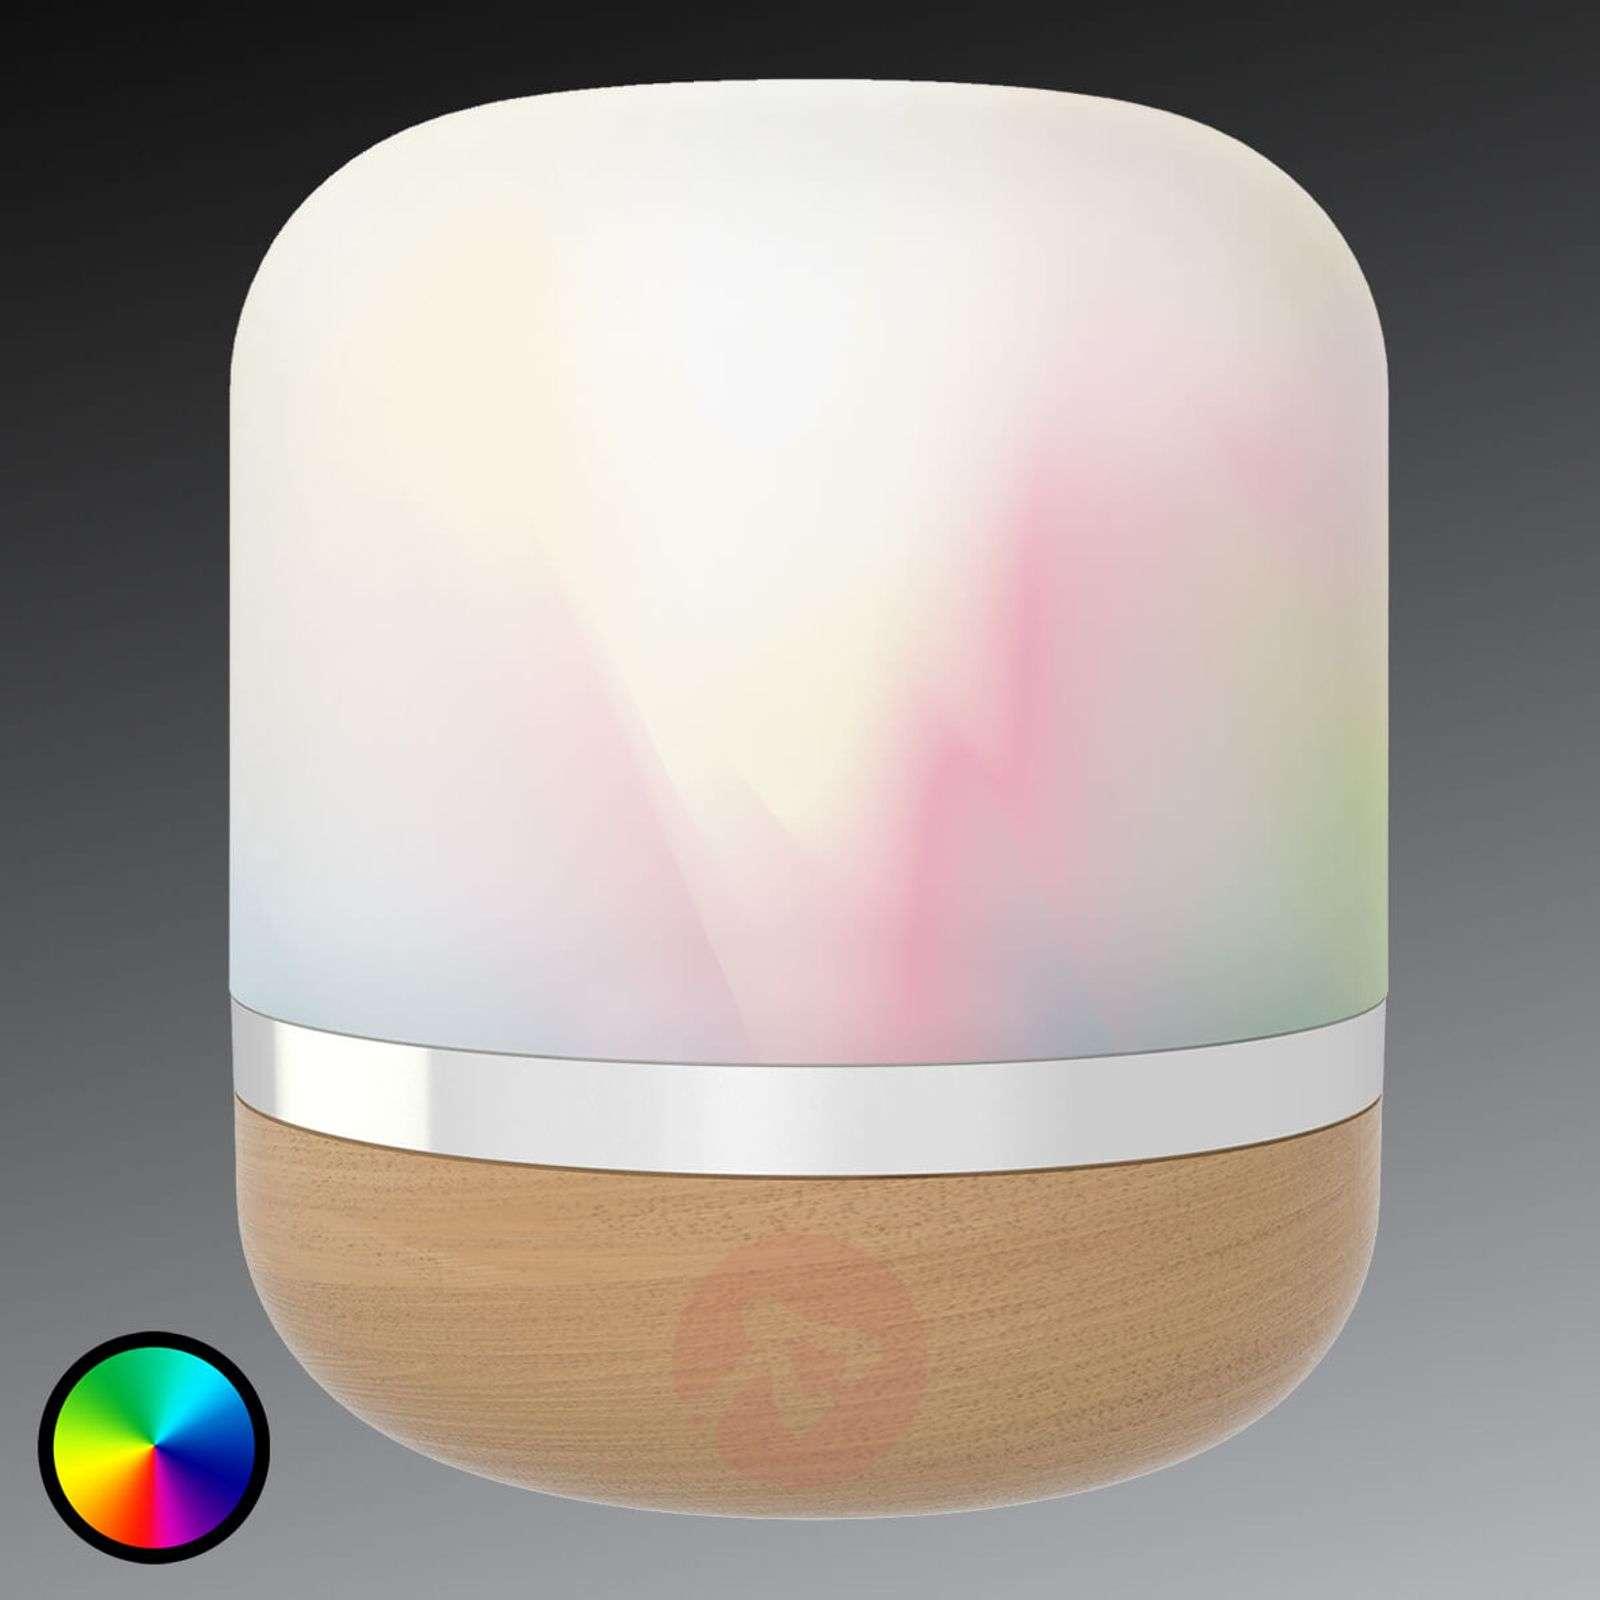 LED-pöytävalaisin HERO WiZ puuilmeisellä jalalla-9038094-01